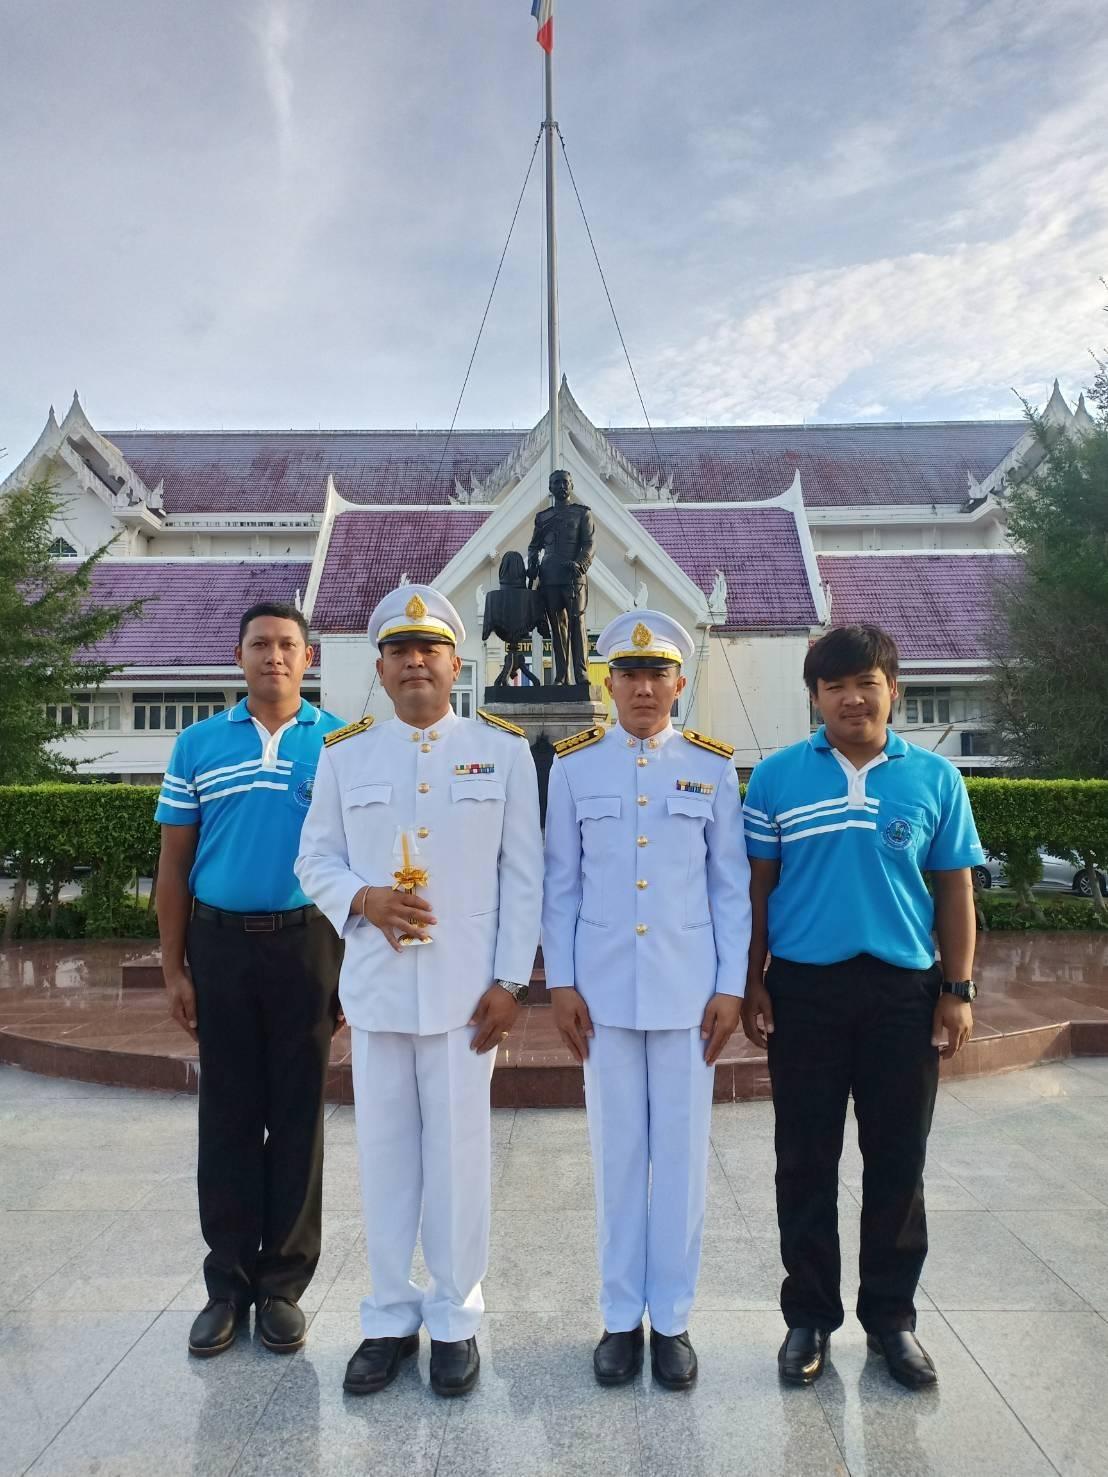 การประปาส่วนภูมิภาคสาขานครนายก เข้าร่วมพิธีเนื่องในวันเฉลิมพระชนมพรรษาสมเด็จพระนางเจ้าสิริกิติ์ พระบรมราชินีนาถ พระบรมราชชนนีพันปีหลวง ประจำปีพุทธศักราช 2562